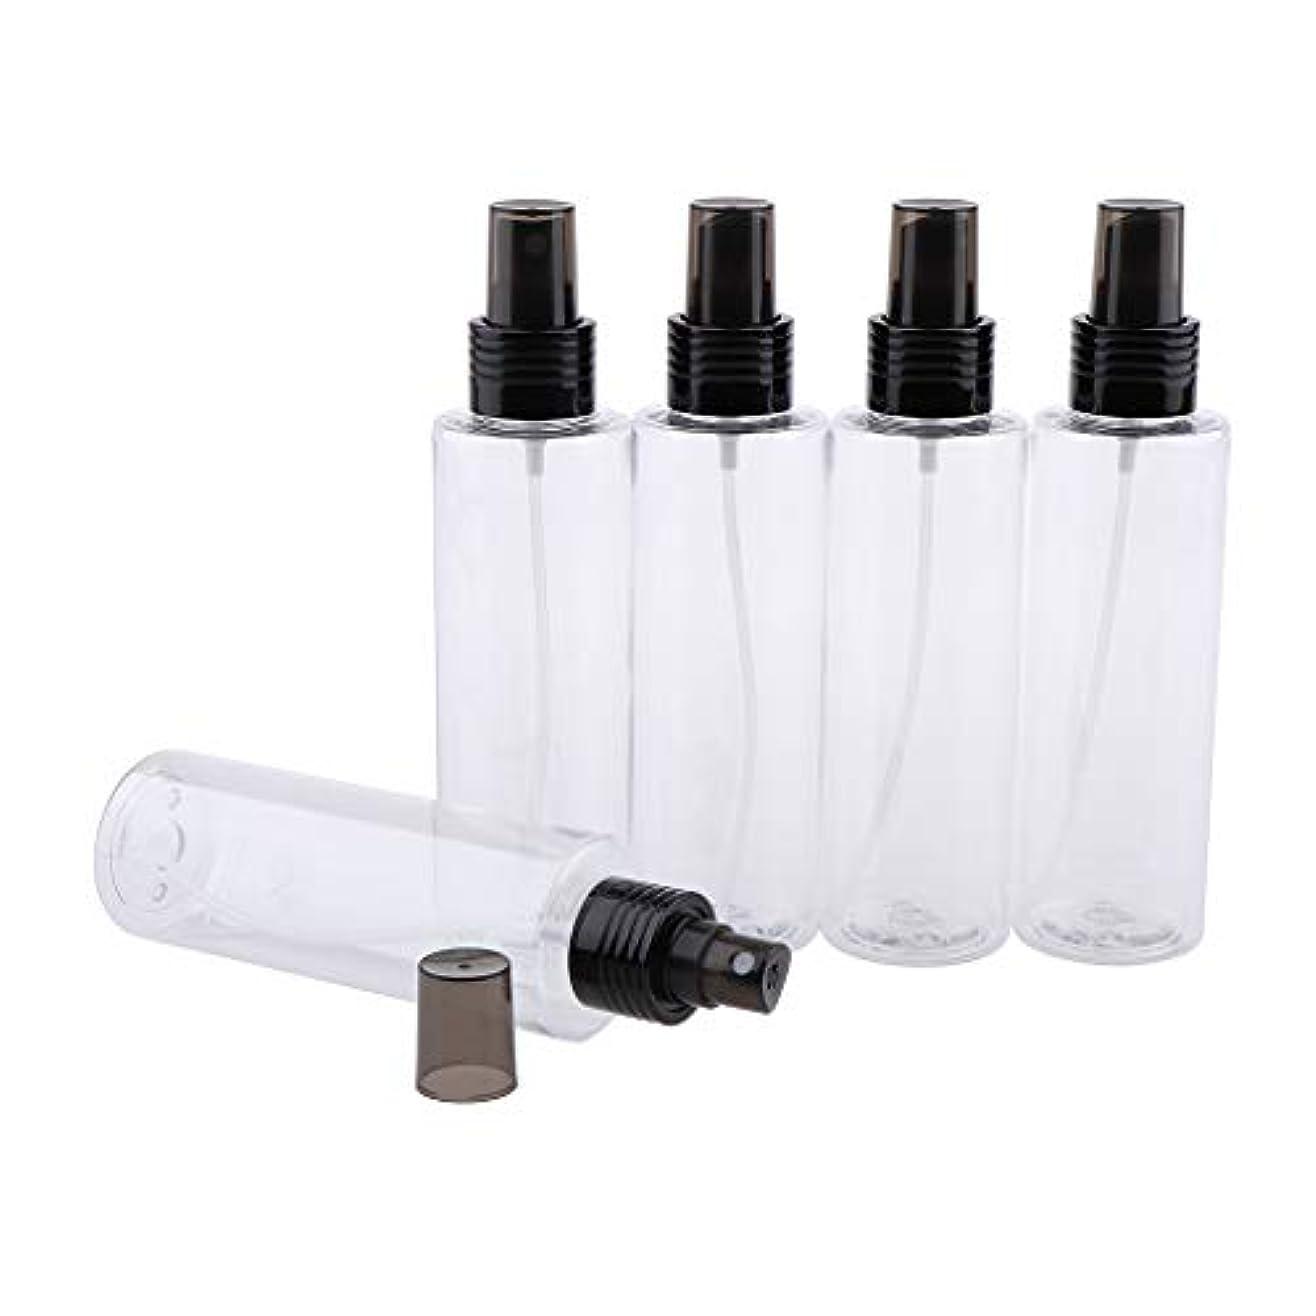 予算まさに故障中FutuHome 5ピース旅行ボトル空のクリアプラスチックファインミストスプレーボトル用クリーニング、旅行、精油、香水 - 150ML